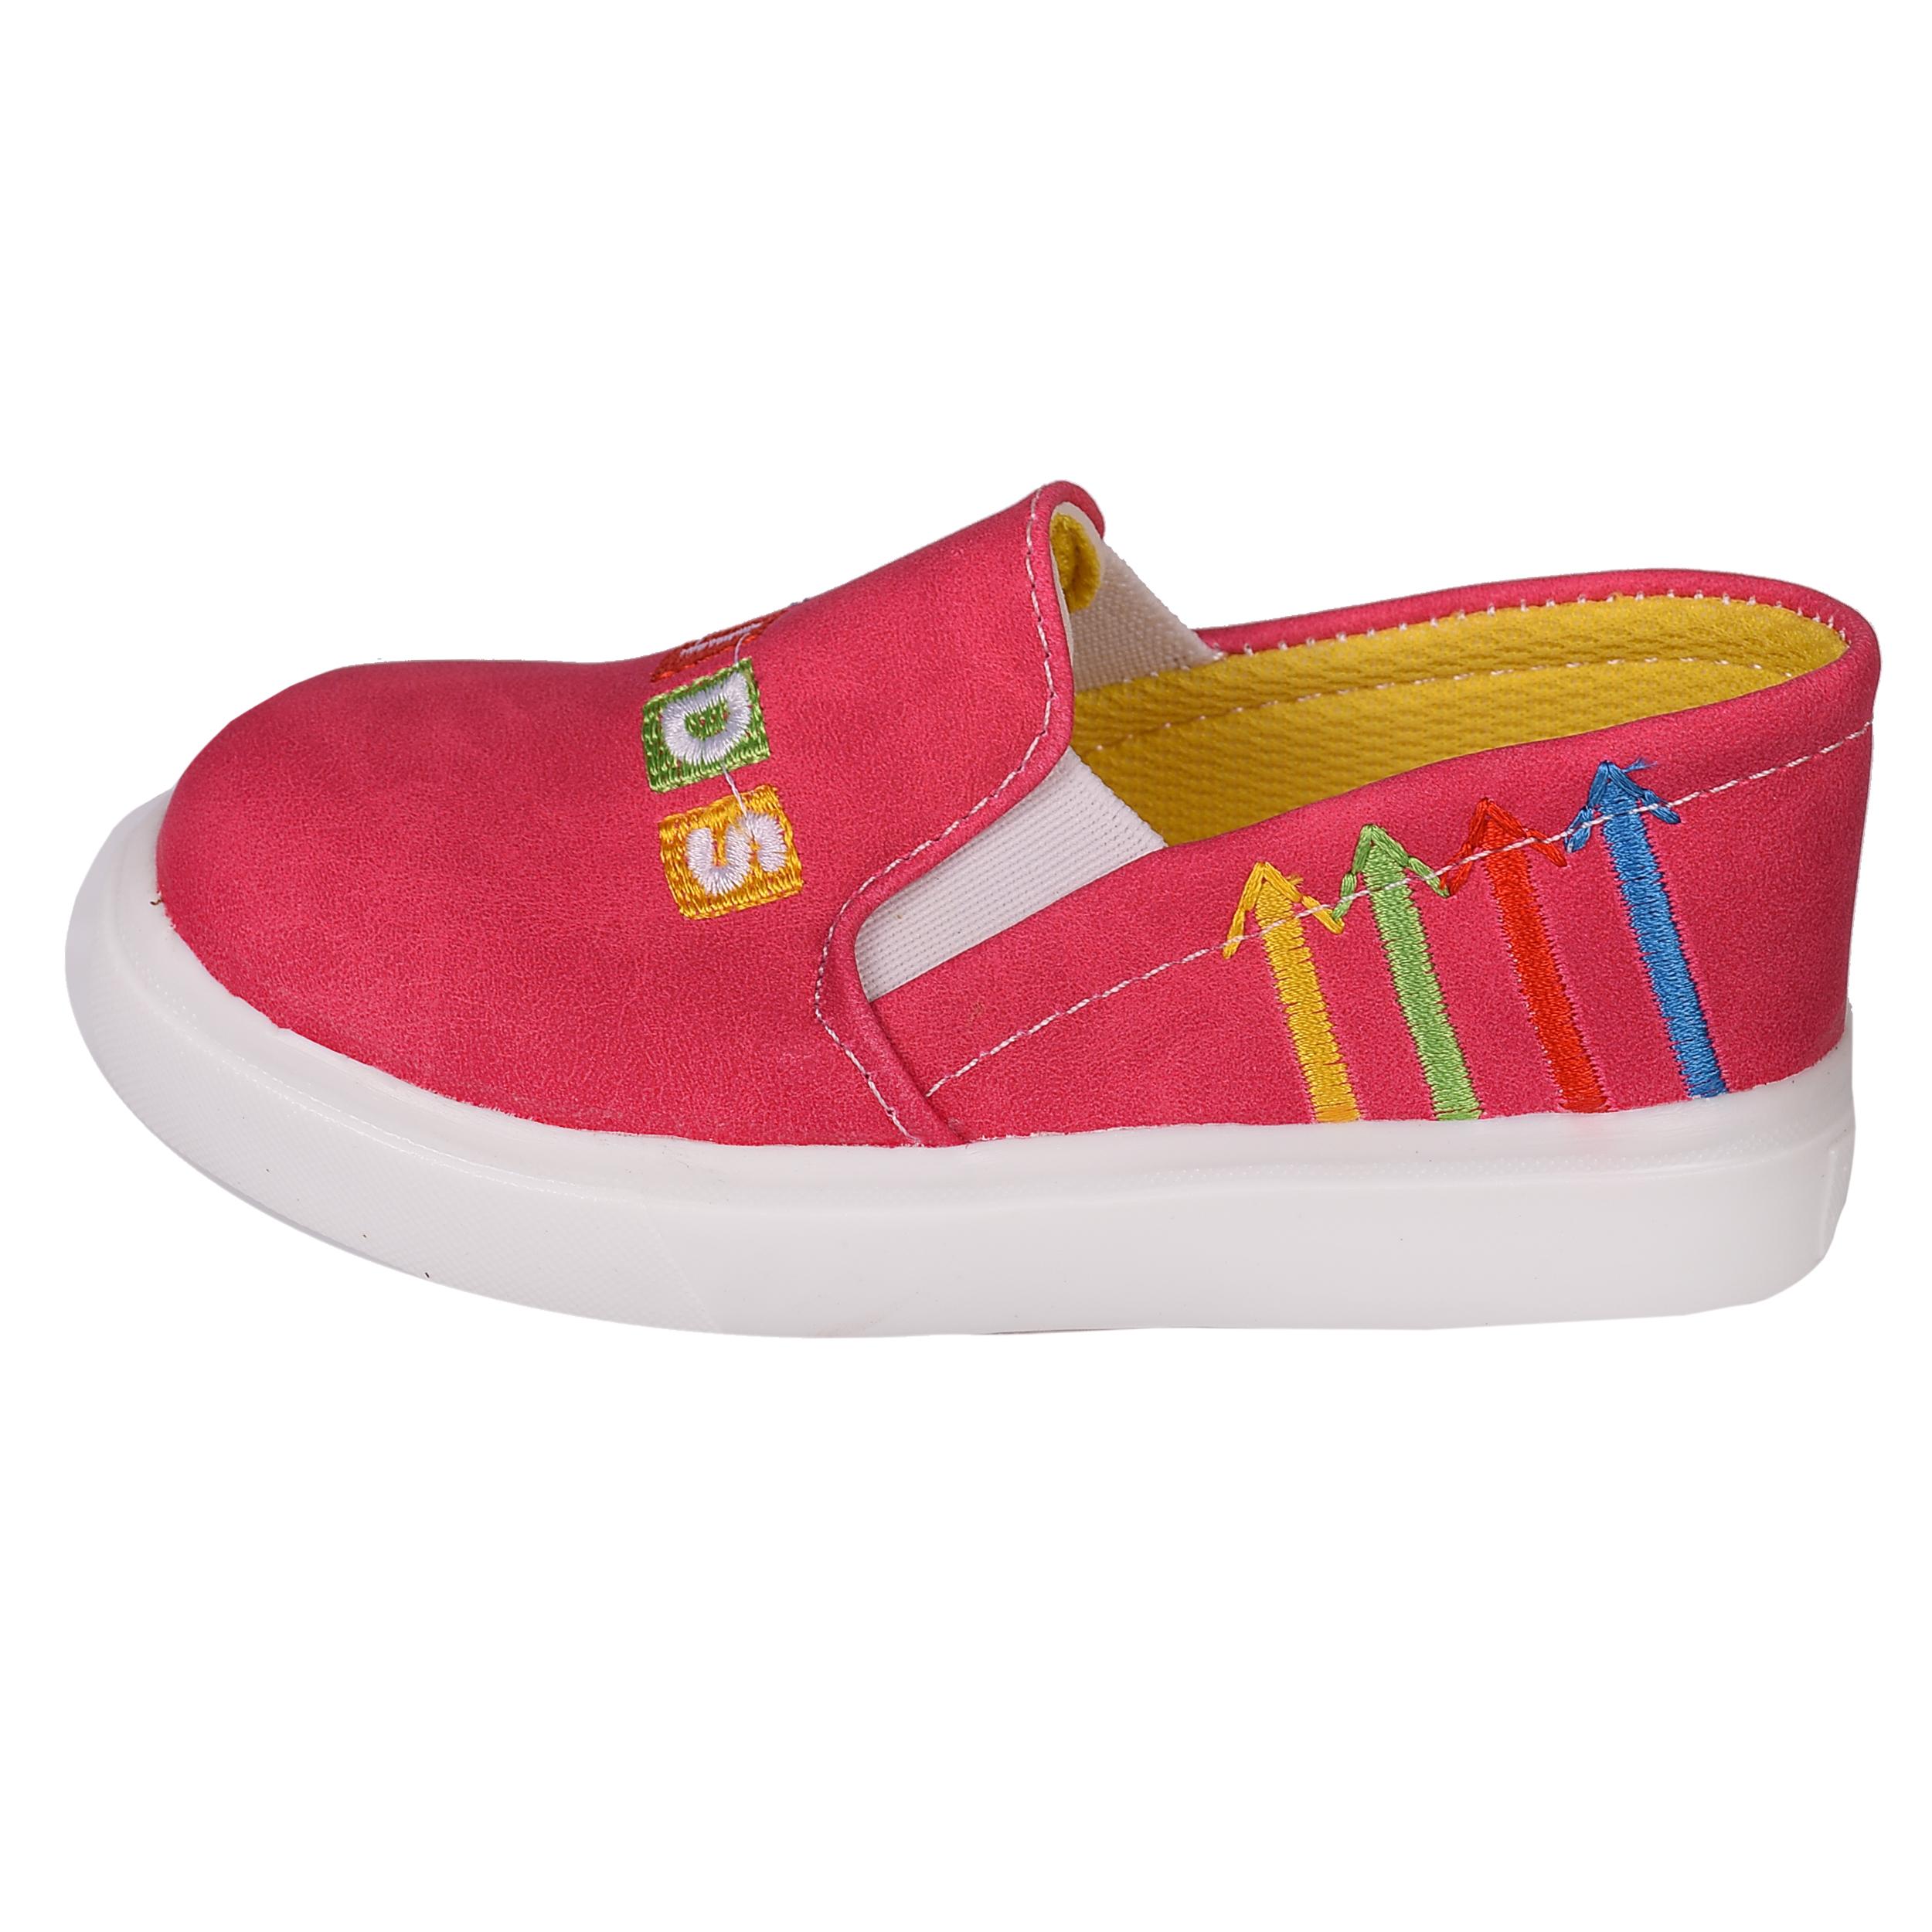 کفش دخترانه مدل کیدز کد 3595 رنگ سرخابی